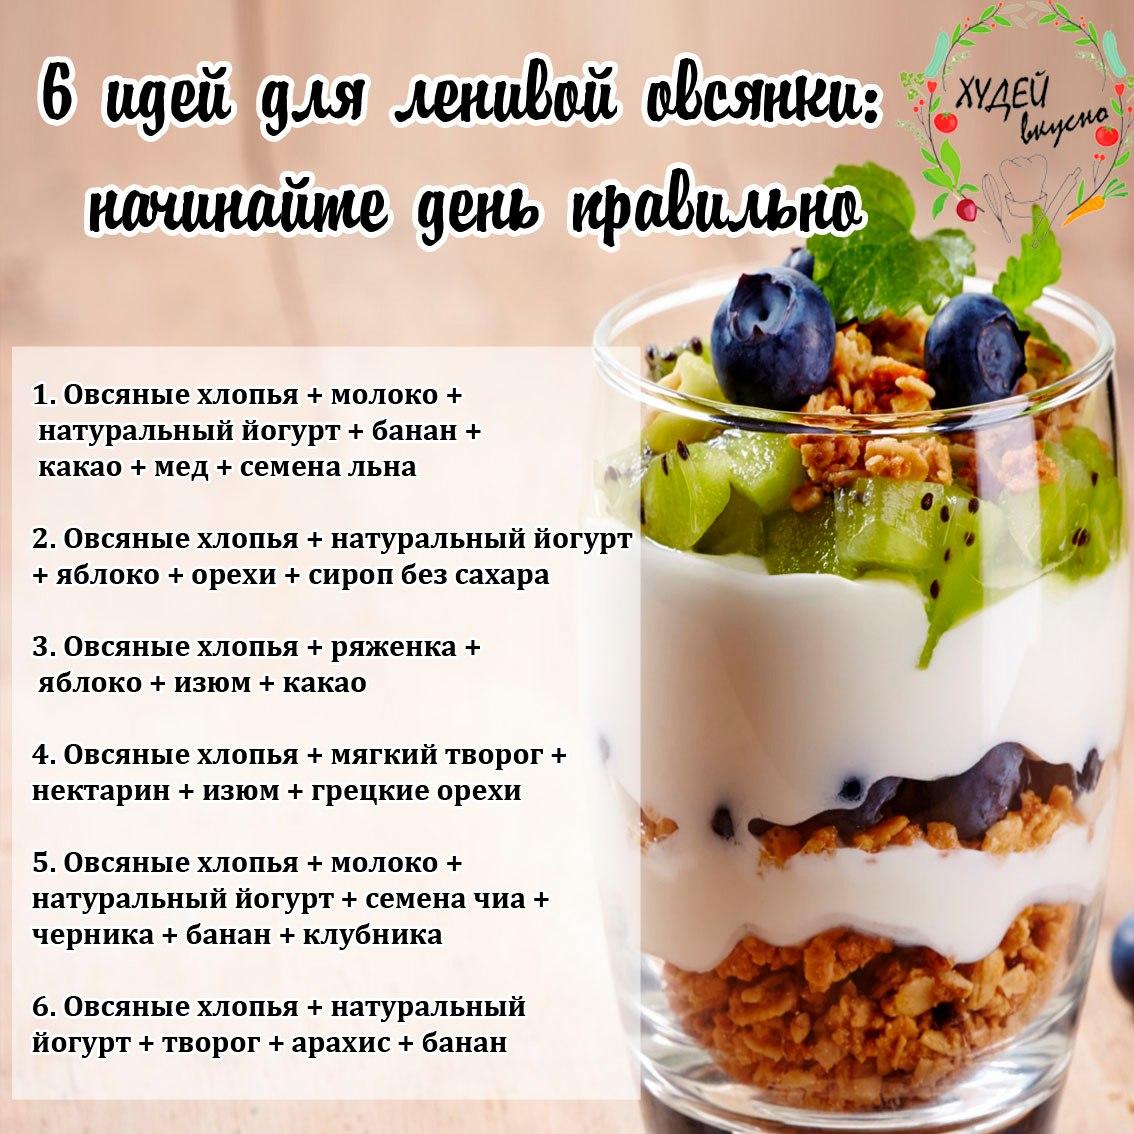 Правильное Похудение Рецепты Блюд. Рецепты диетических блюд — подбор лучших блюд на неделю и советы по сжиганию жира для начинающих (95 фото)